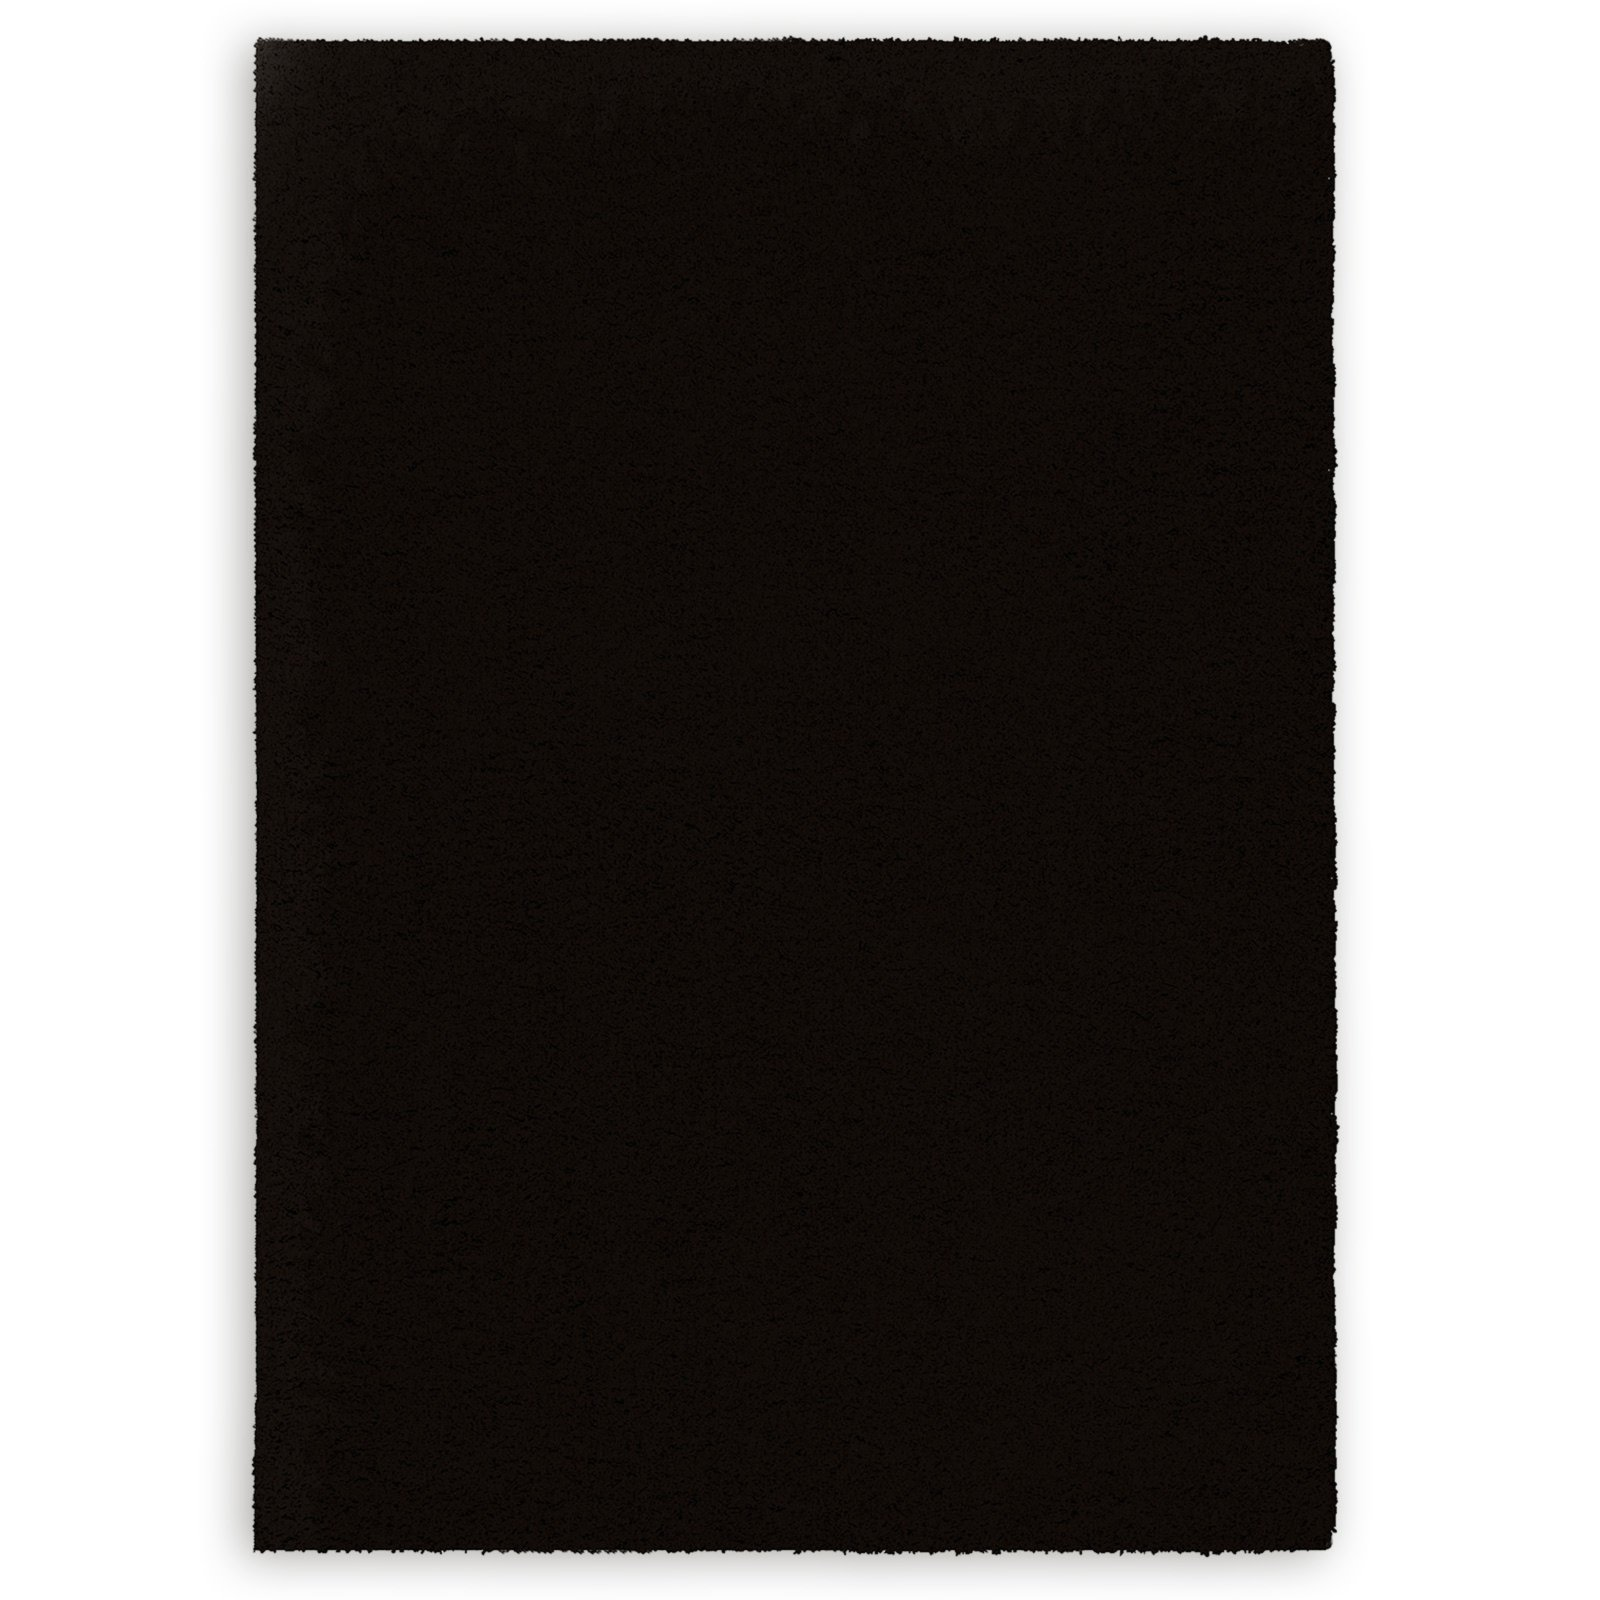 teppich desire schwarz 160x230 cm einfarbige teppiche teppiche l ufer deko. Black Bedroom Furniture Sets. Home Design Ideas